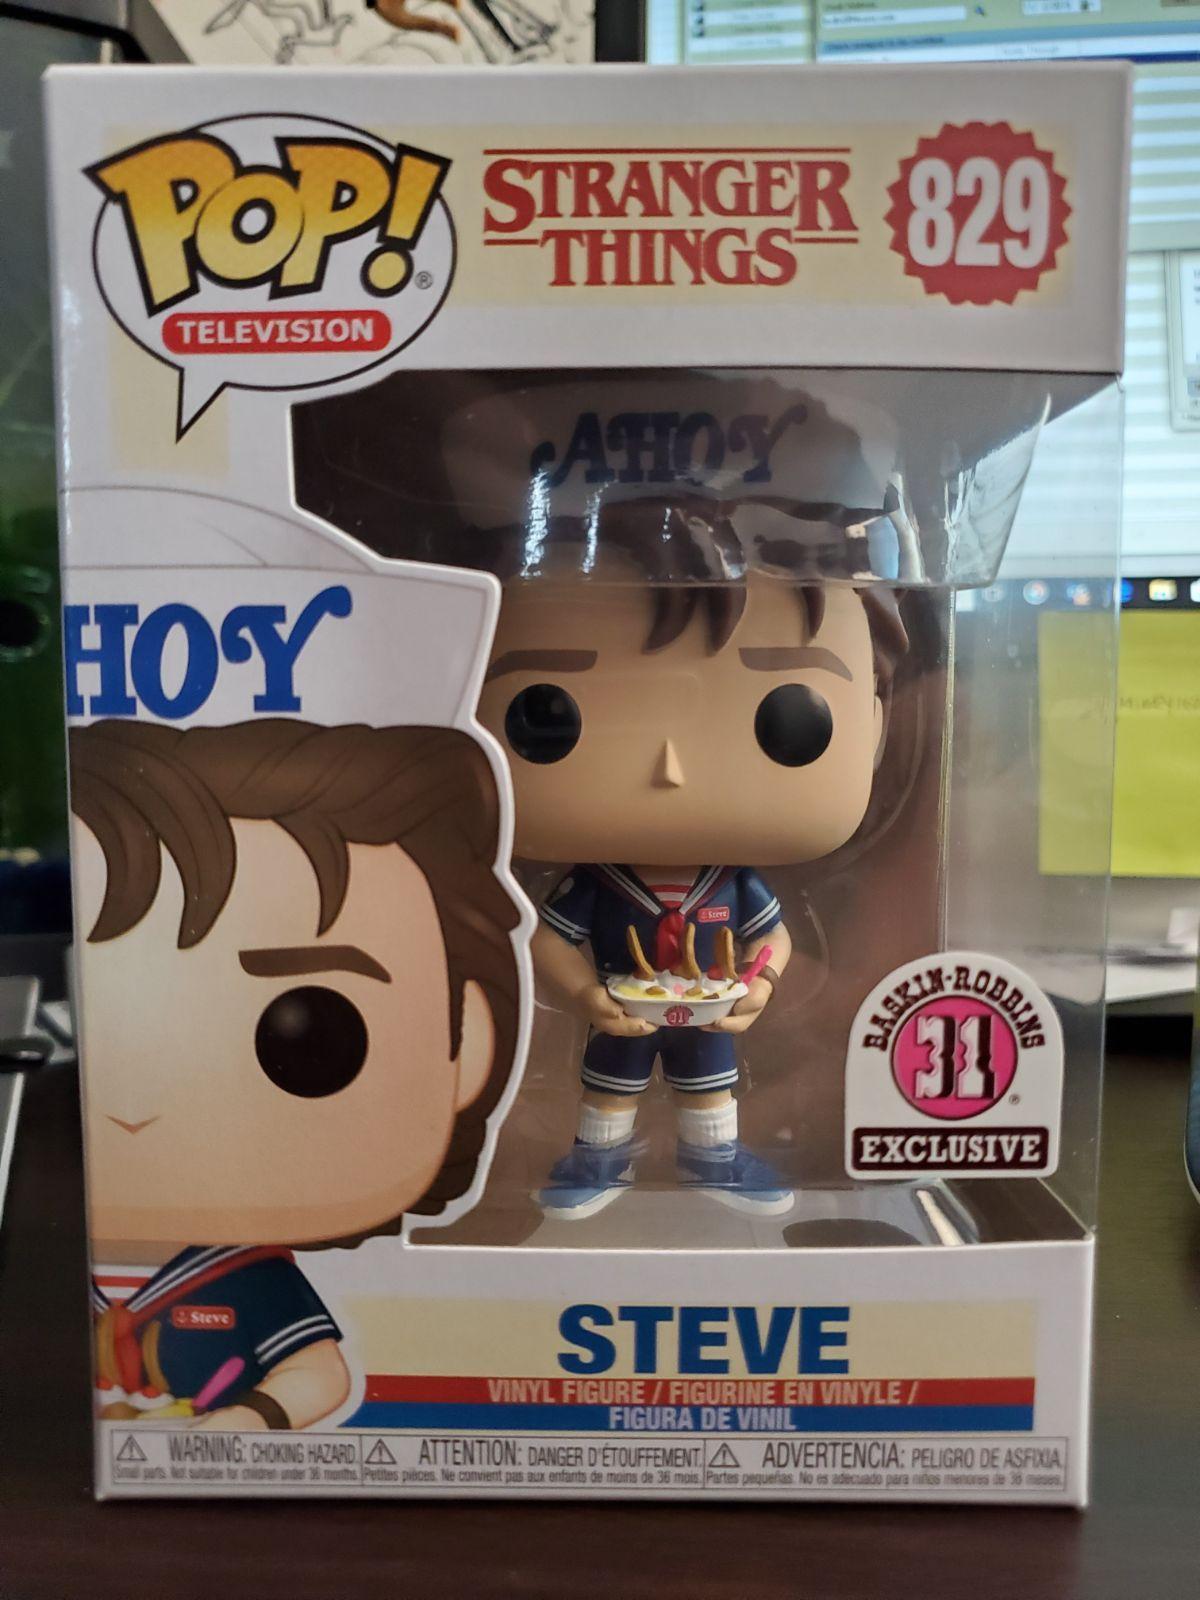 Steve Funko Pop Baskin Robbins Stranger Things 829 IN HAND NEW